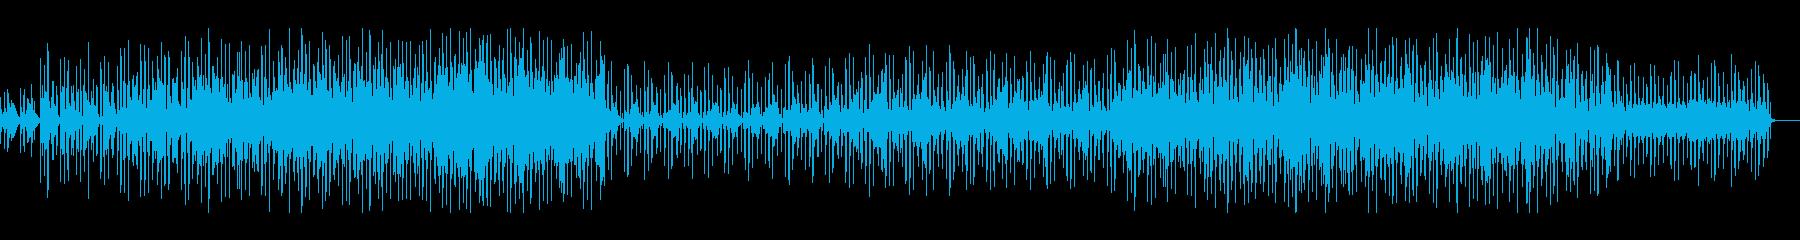 軽快、爽やかで少し切なさもある楽曲の再生済みの波形